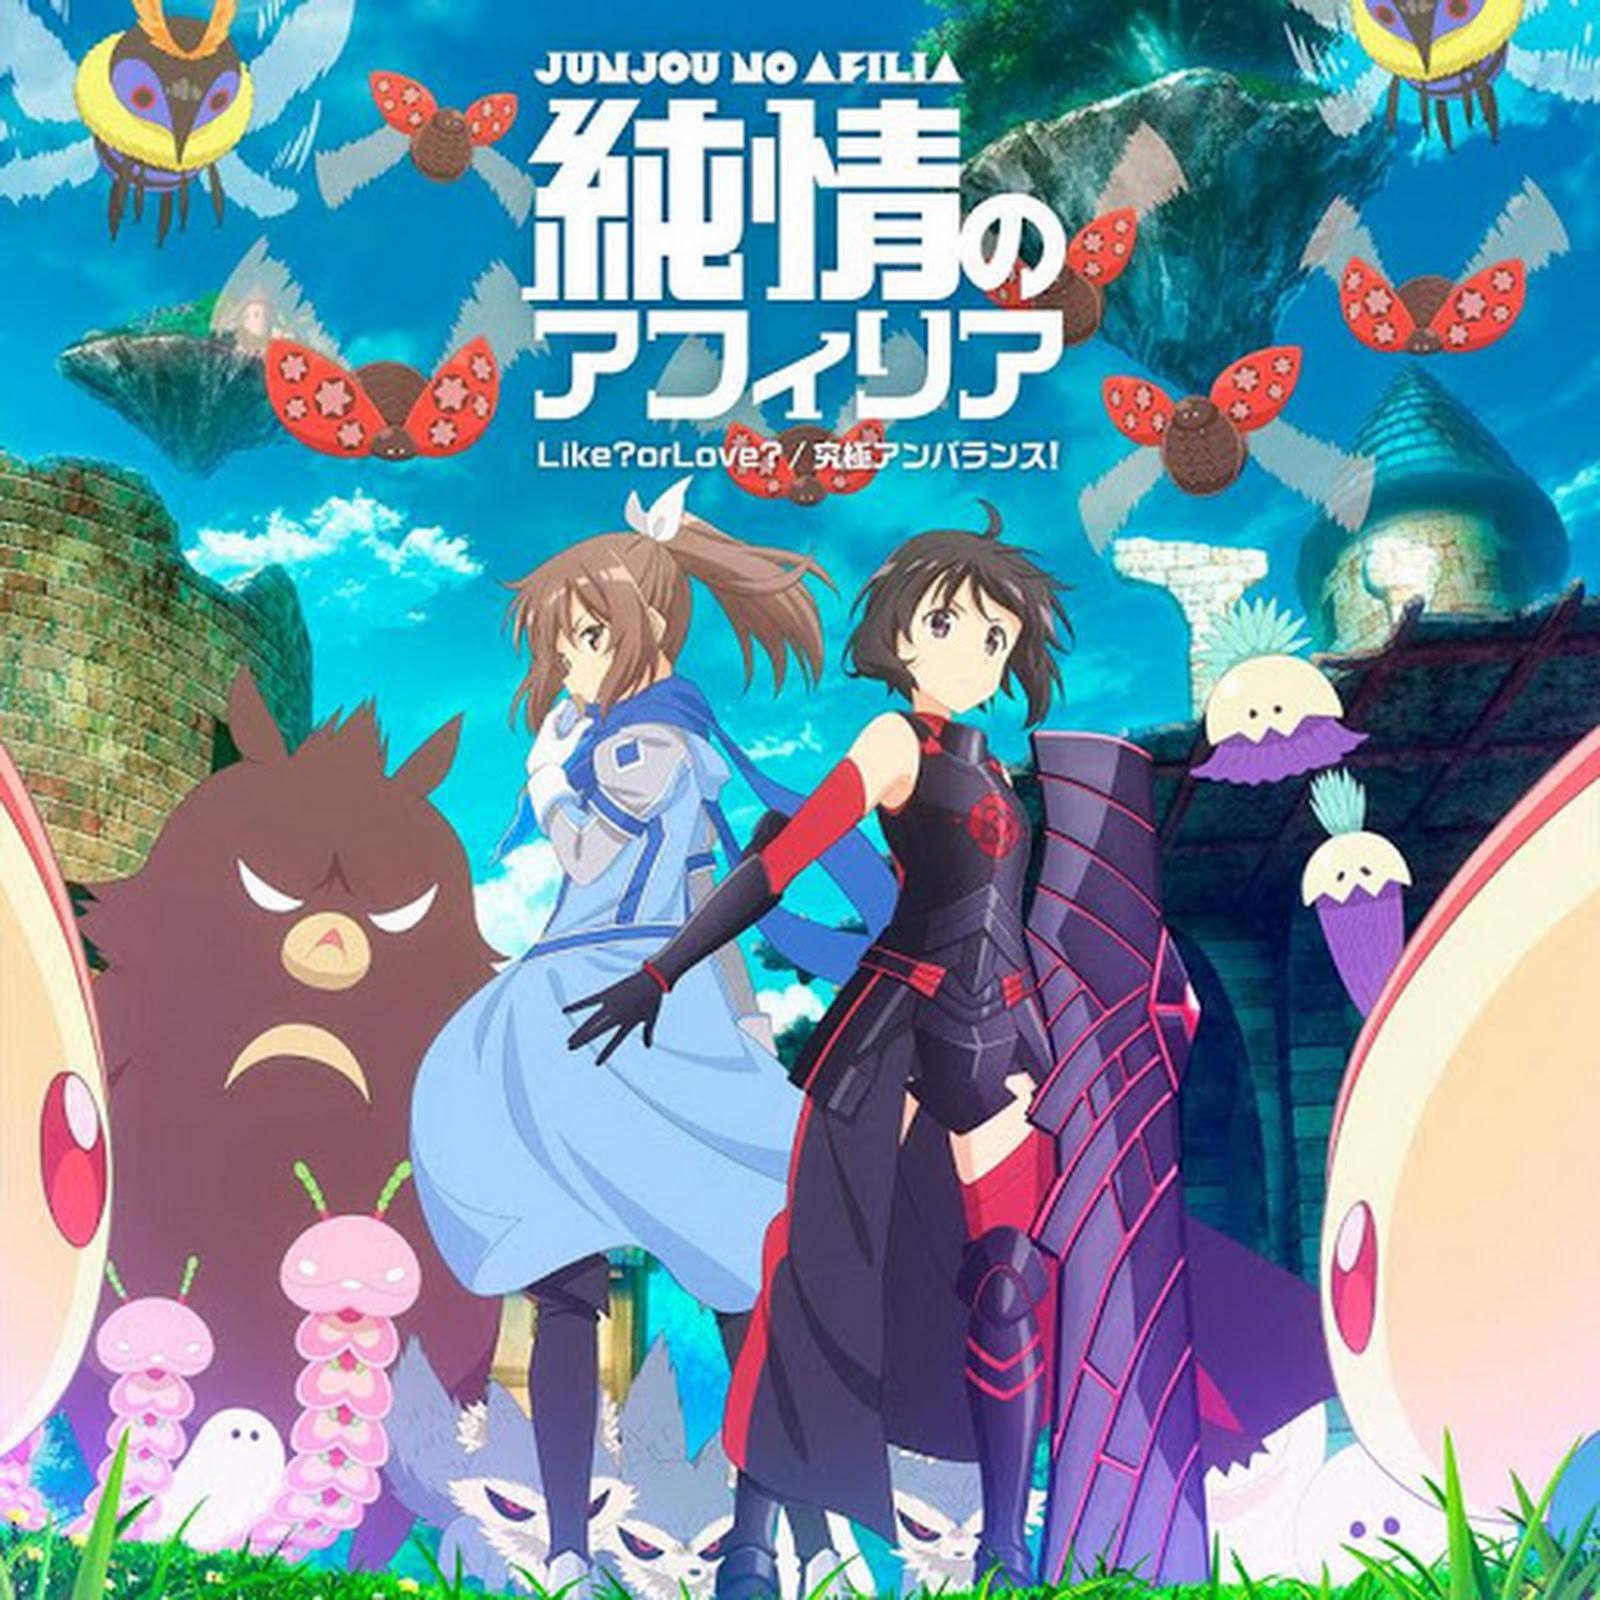 ▷ Descargar Itai no wa Iya nano de Bougyoryoku ni Kyokufuri Shitai to Omoimasu. OST - OP&ED + Insert Song [Extendido] [MP3-320Kbps]